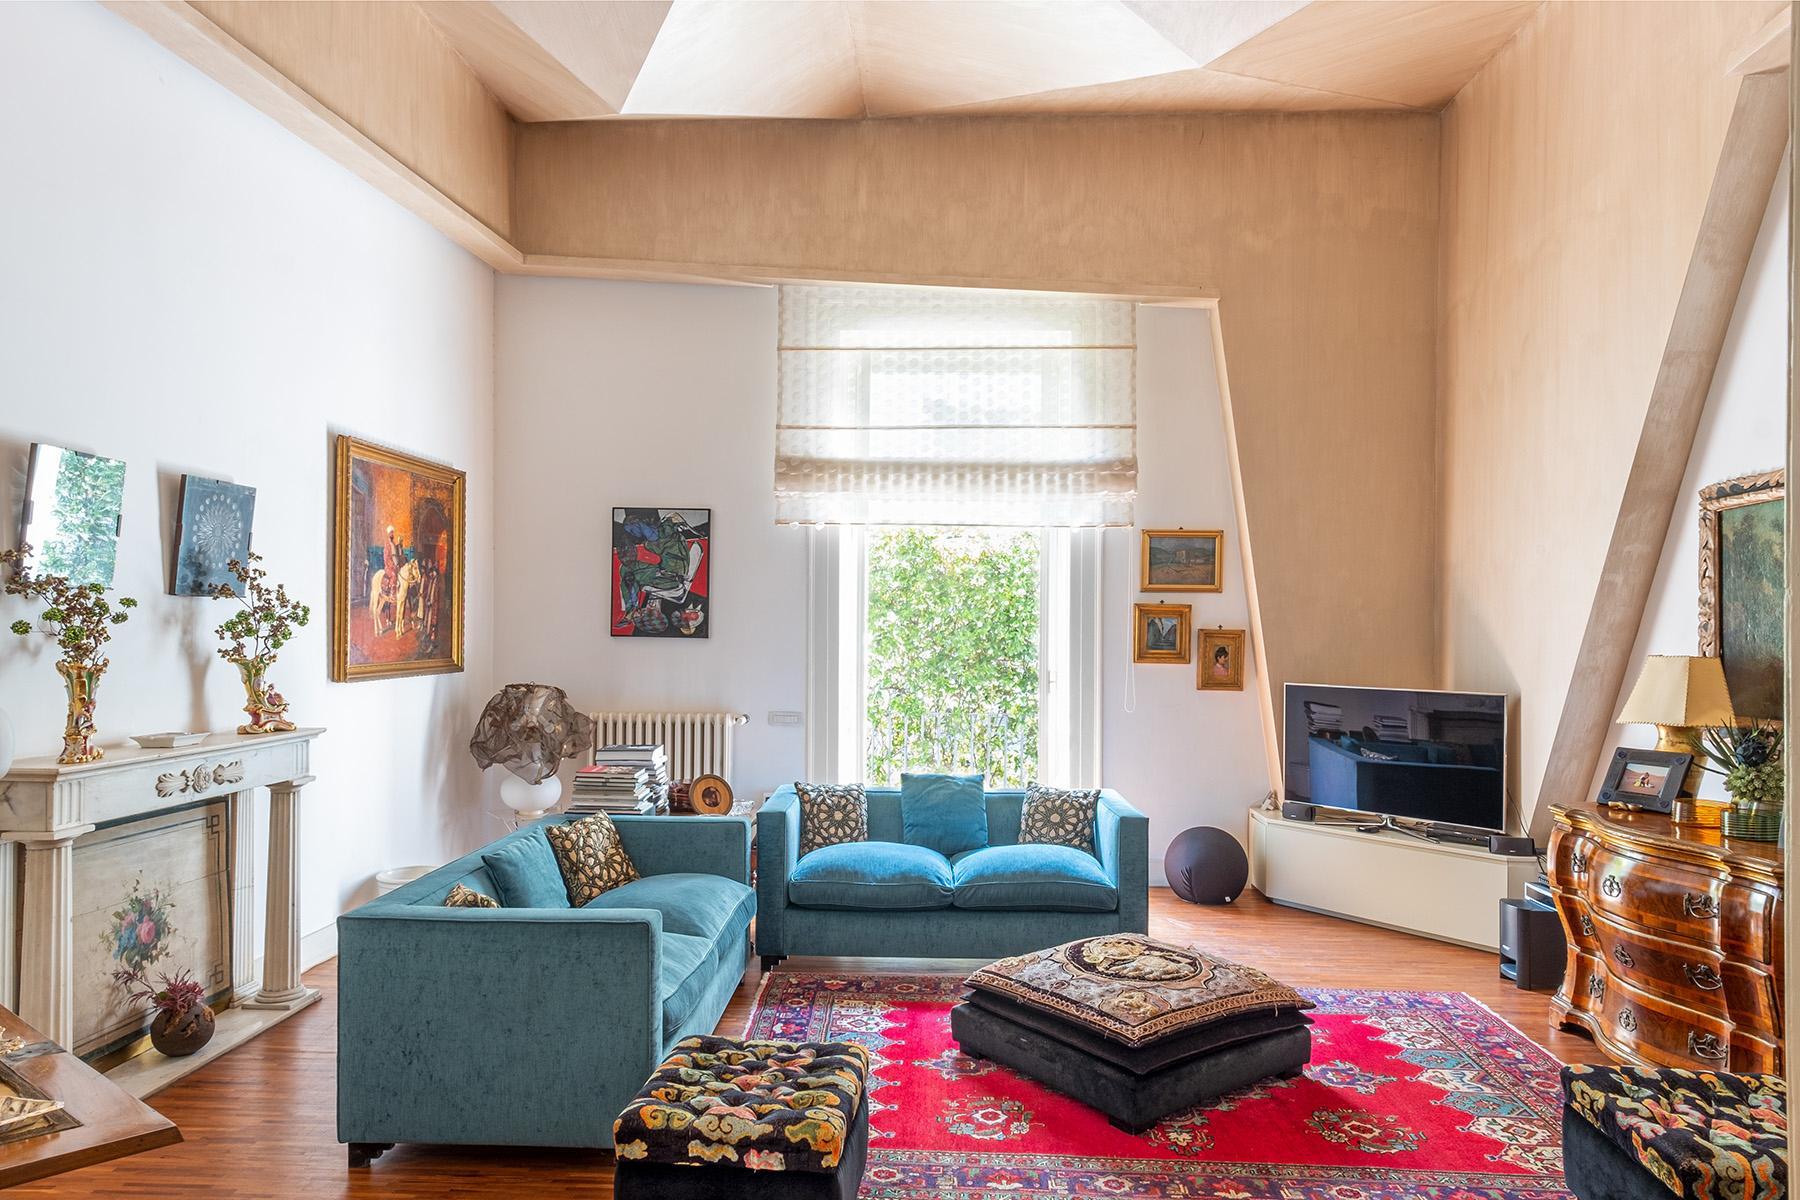 Eclettico appartamento di design in palazzo storico - 7